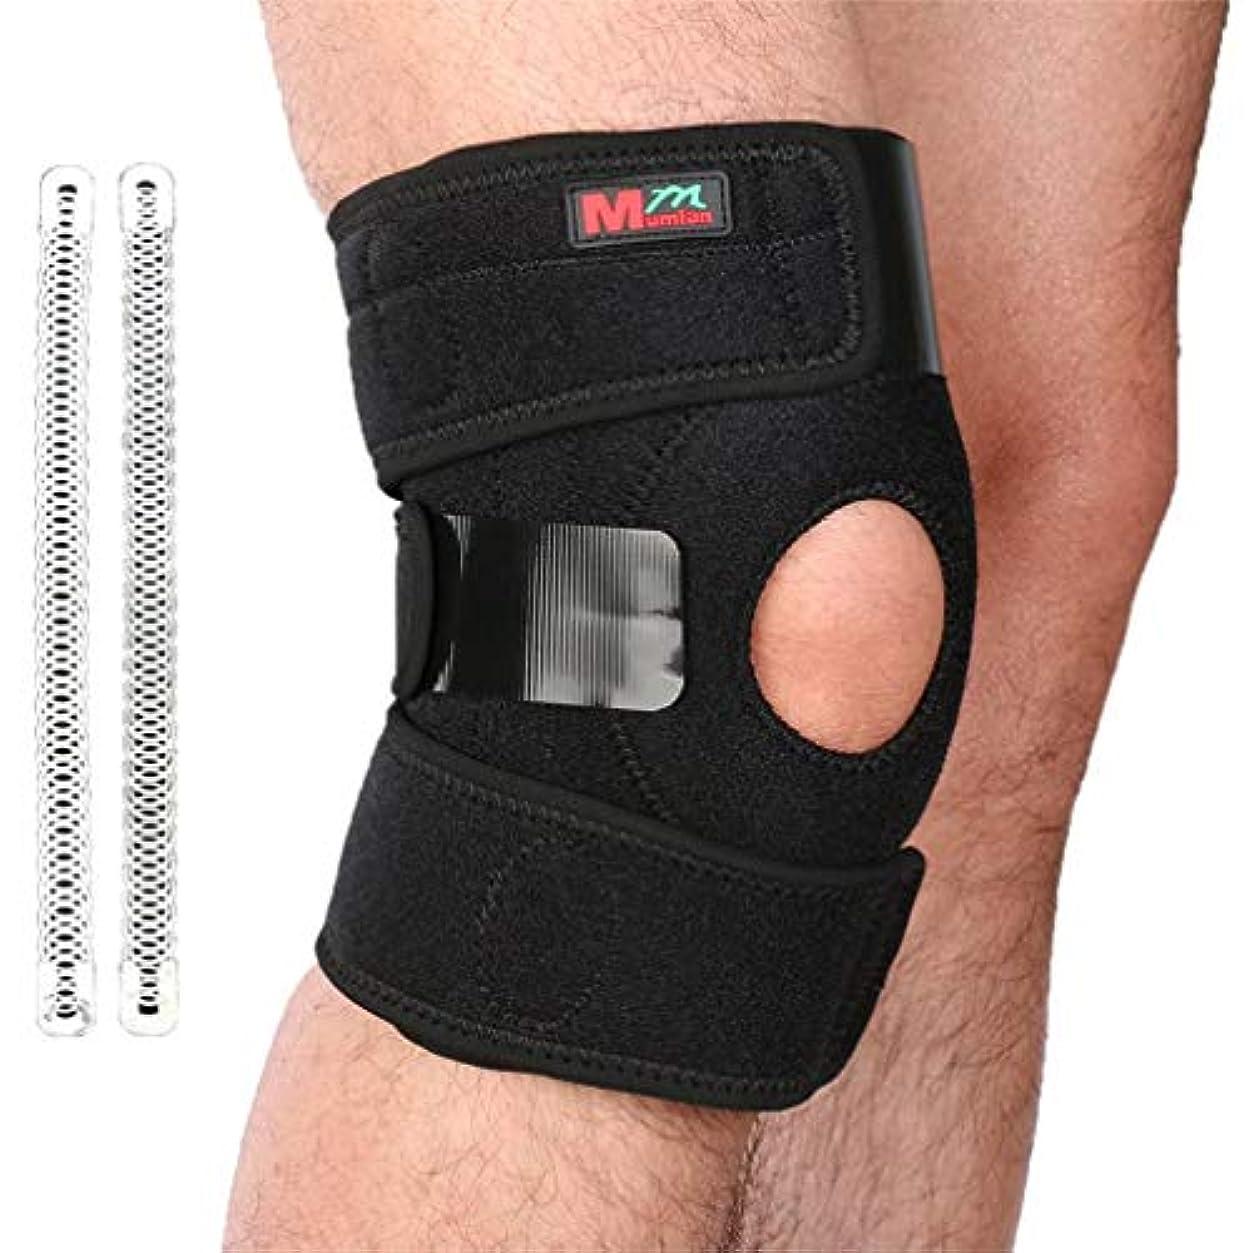 聖書圧縮クラウド1PC膝プロテクター膝パッドシリコン弾性包帯デザイン膝サポート-Rustle666